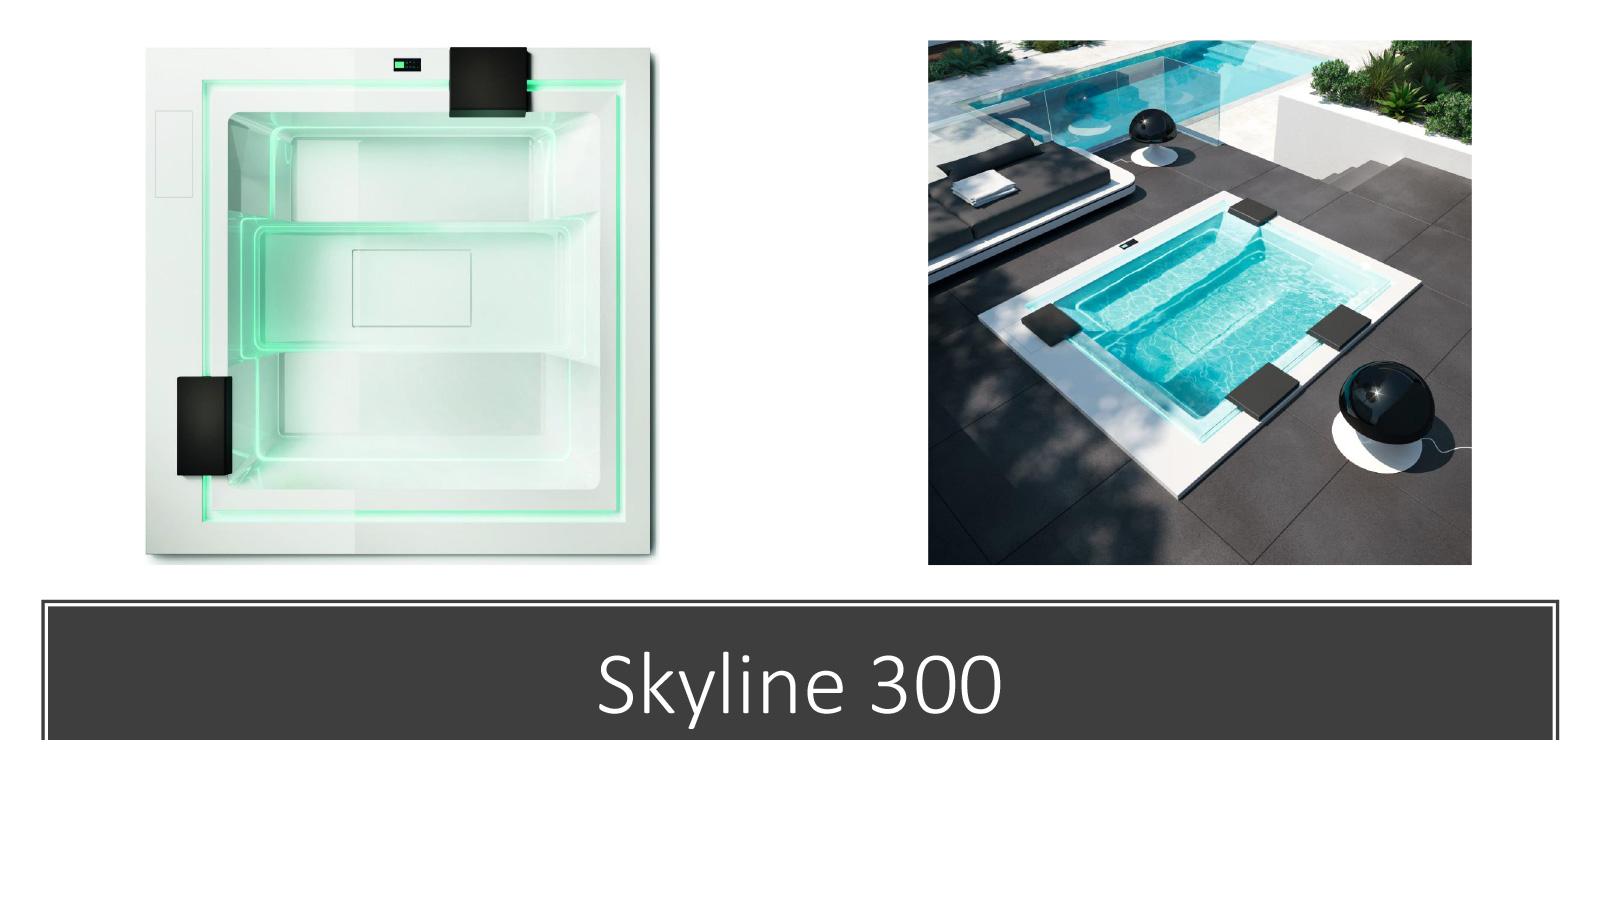 minipiscine-skyline-300_vasca